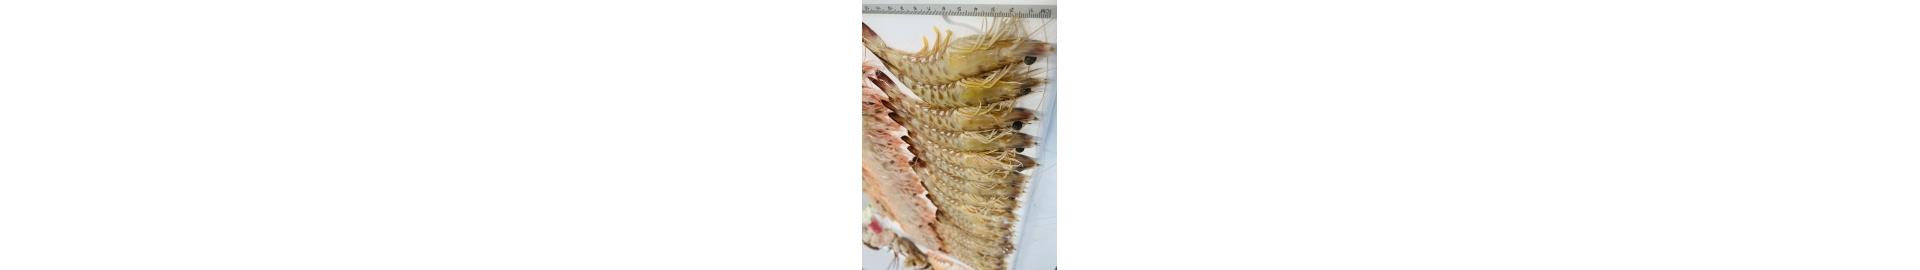 Ofertas de pescado y marisco fresco